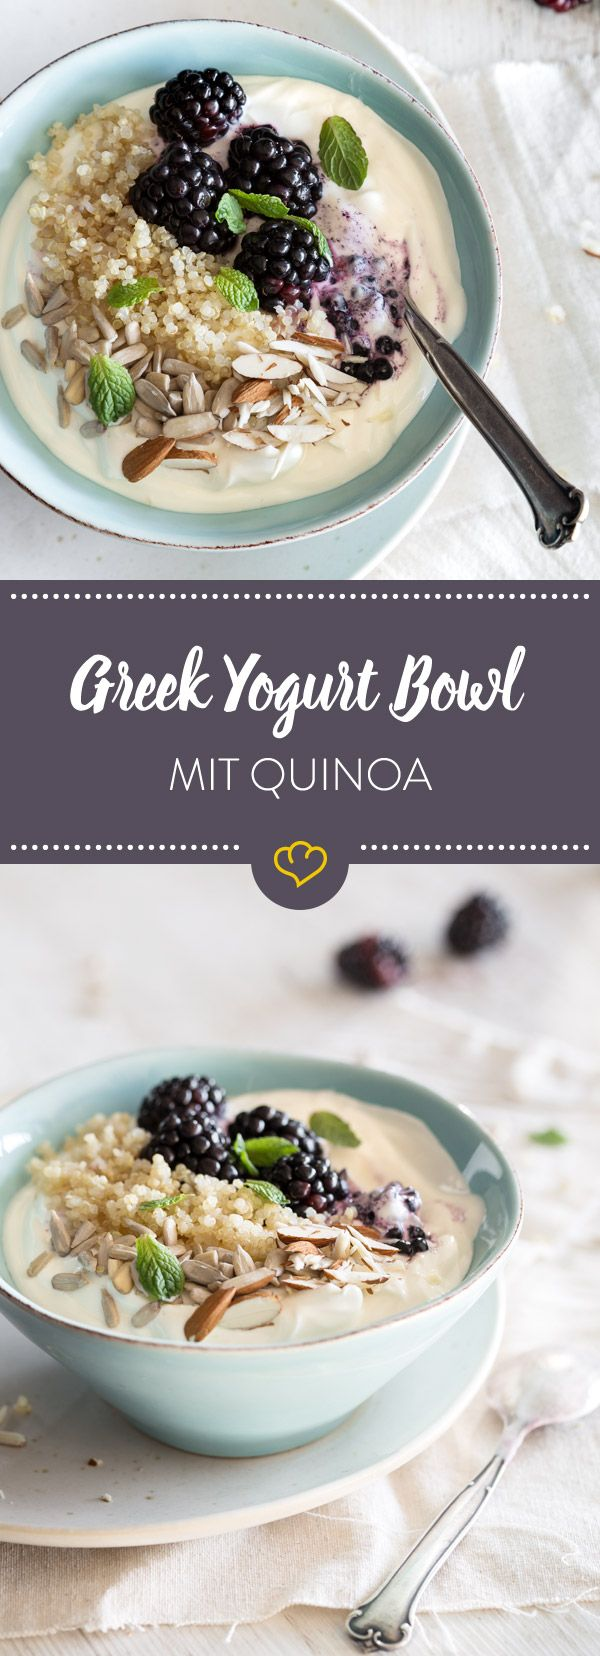 In dieser Bowl wird griechischer Joghurt mit Honig vermischt. Dazu gesellen sich noch Quinoa, Brombeeren, Mandeln, Sonnenblumenkerne und Minze. Lecker!